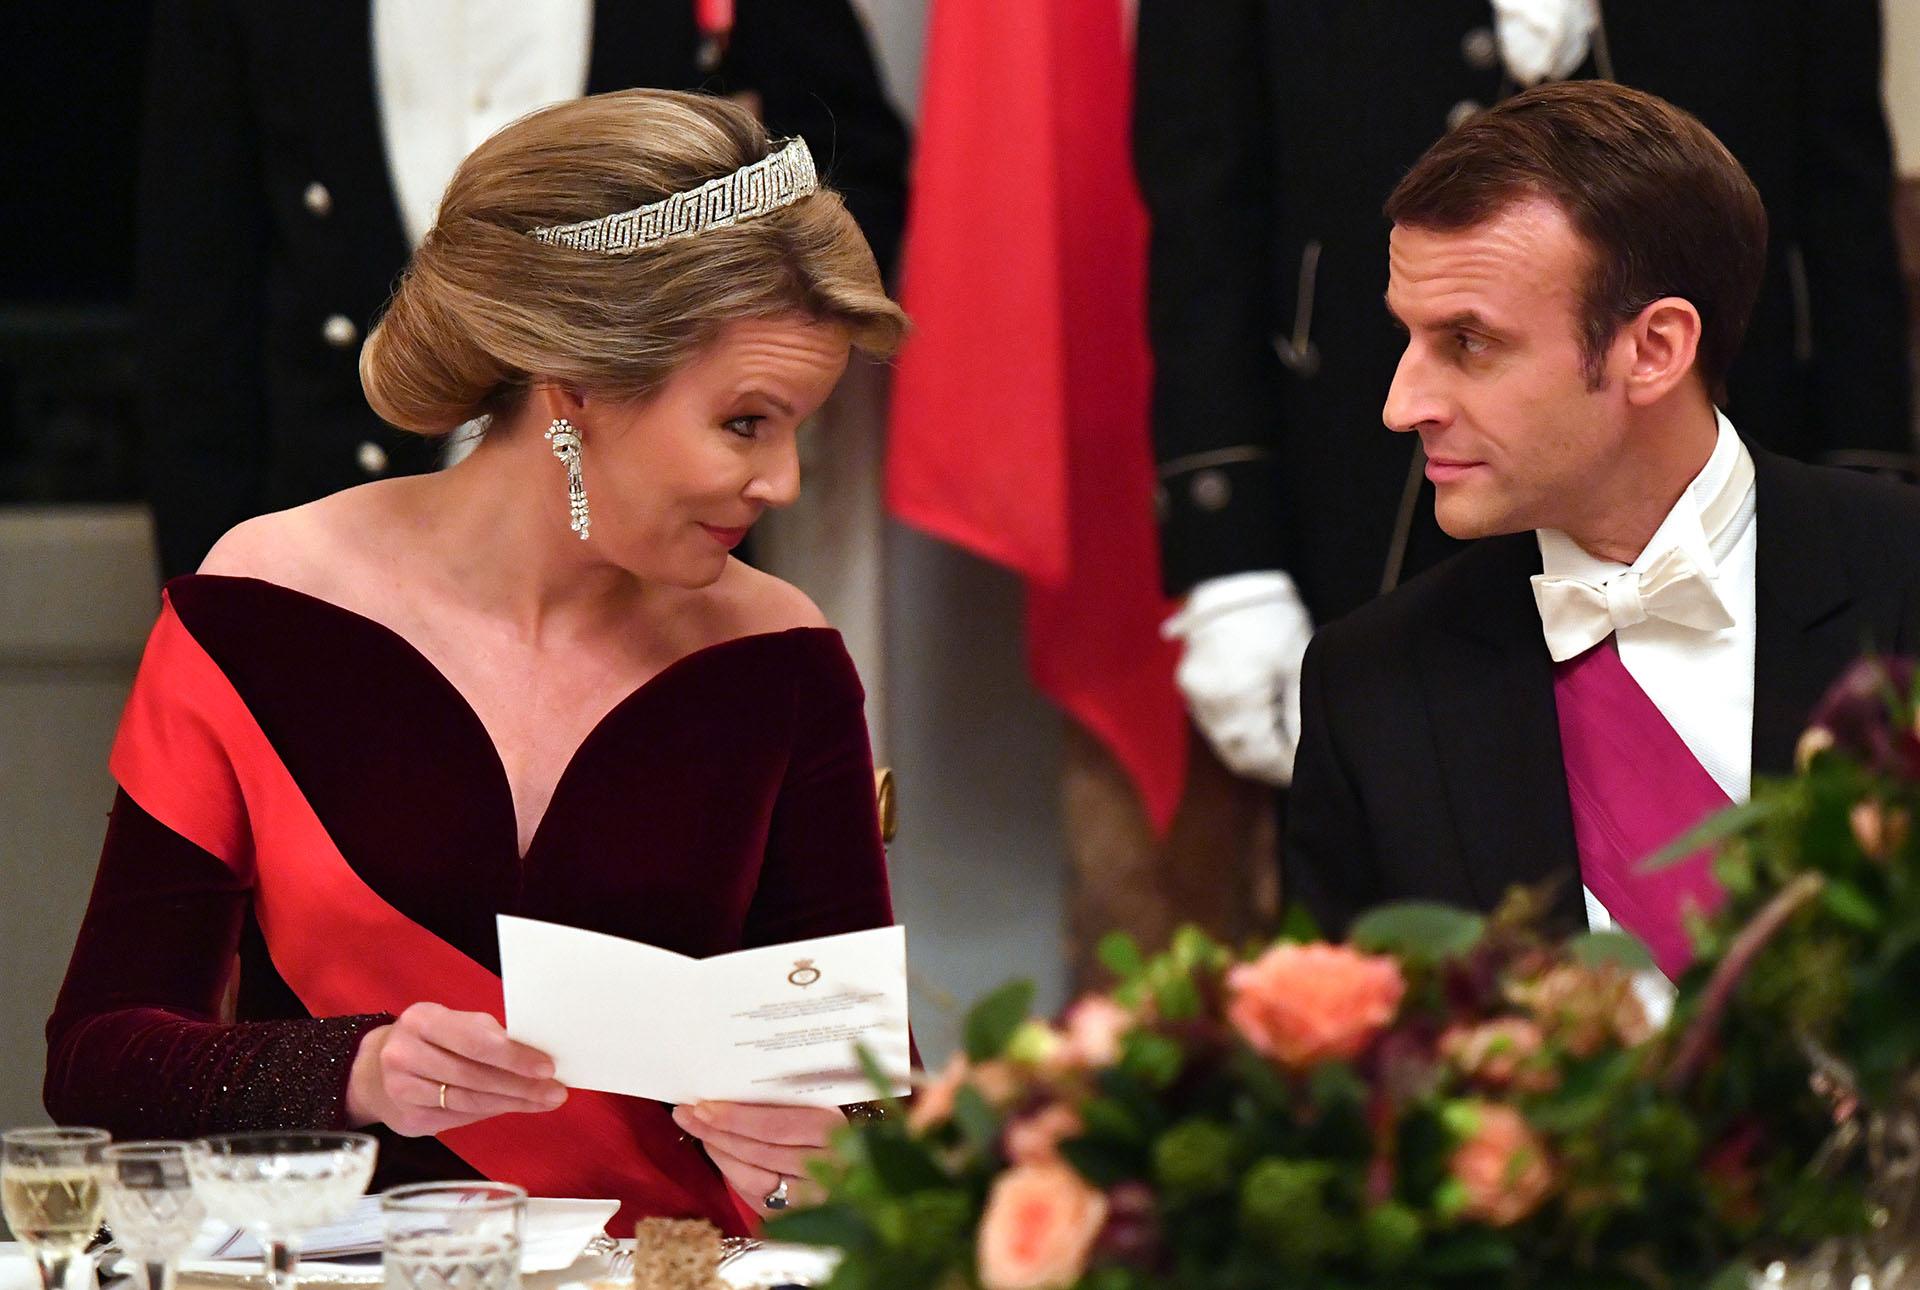 La reina Mathilde conversa con el presidente francés, Emmanuel Macron, en la mesa principal